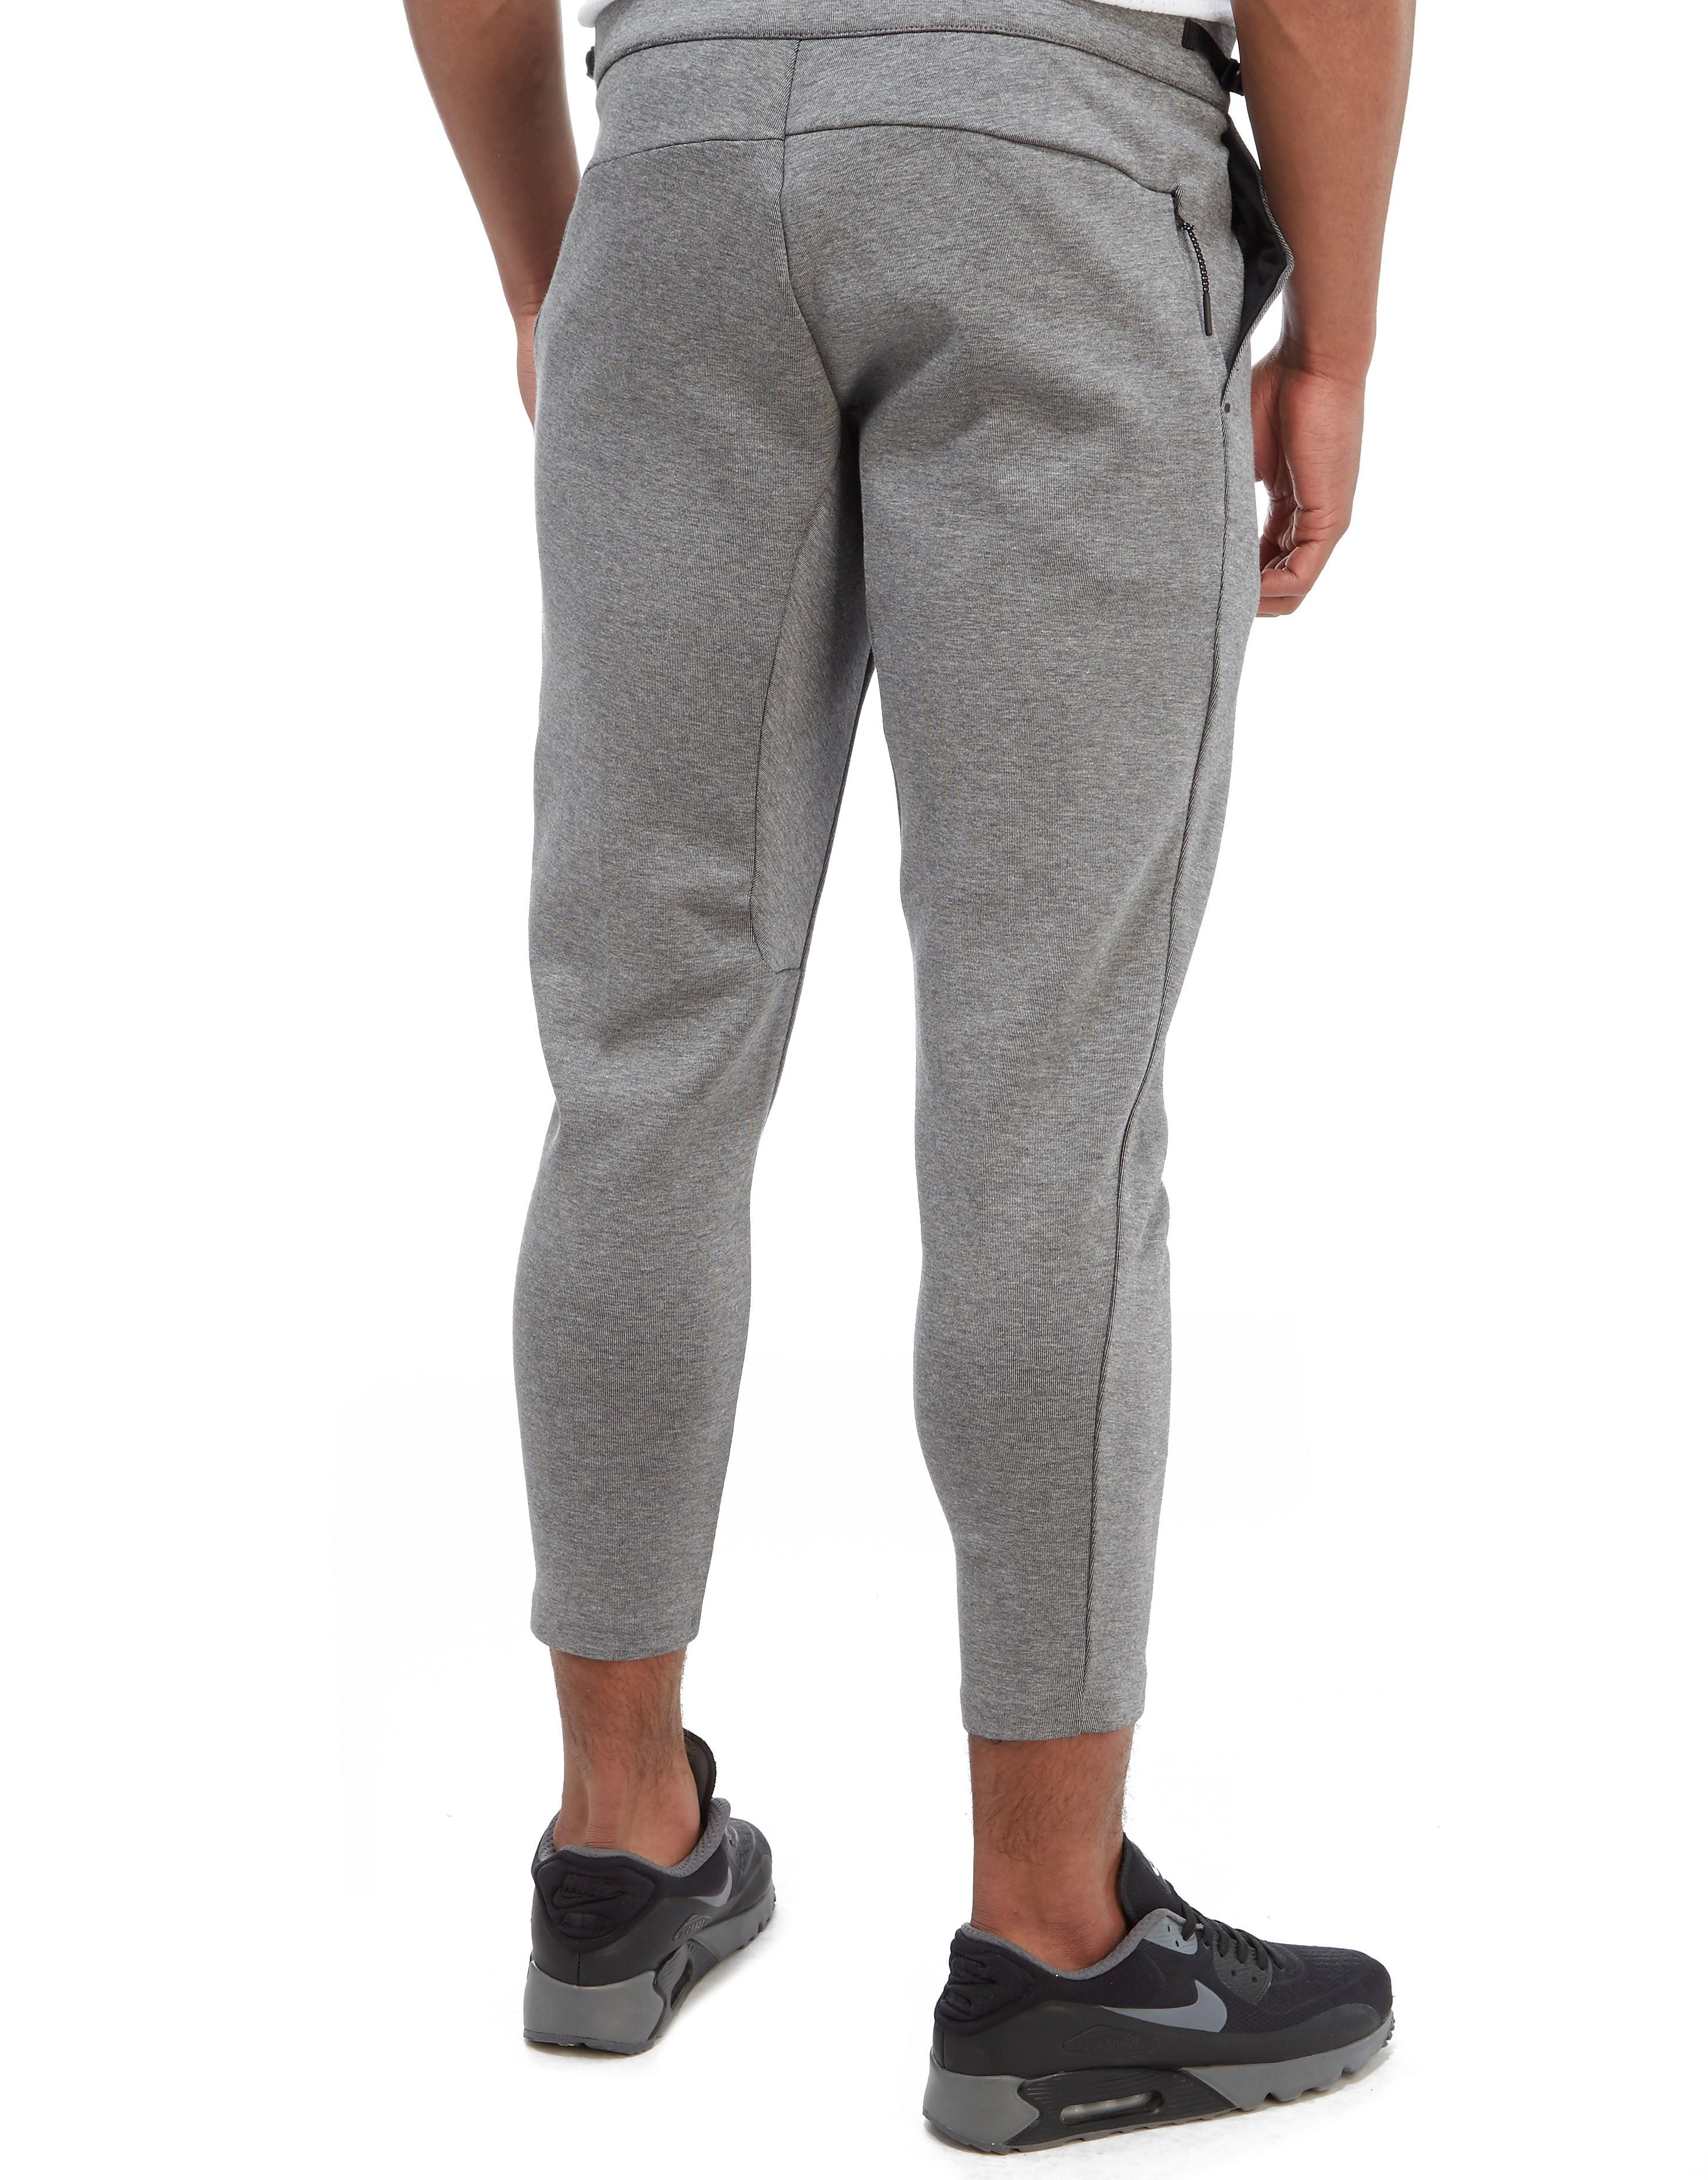 Nike Tech Mesh Cropped Pants